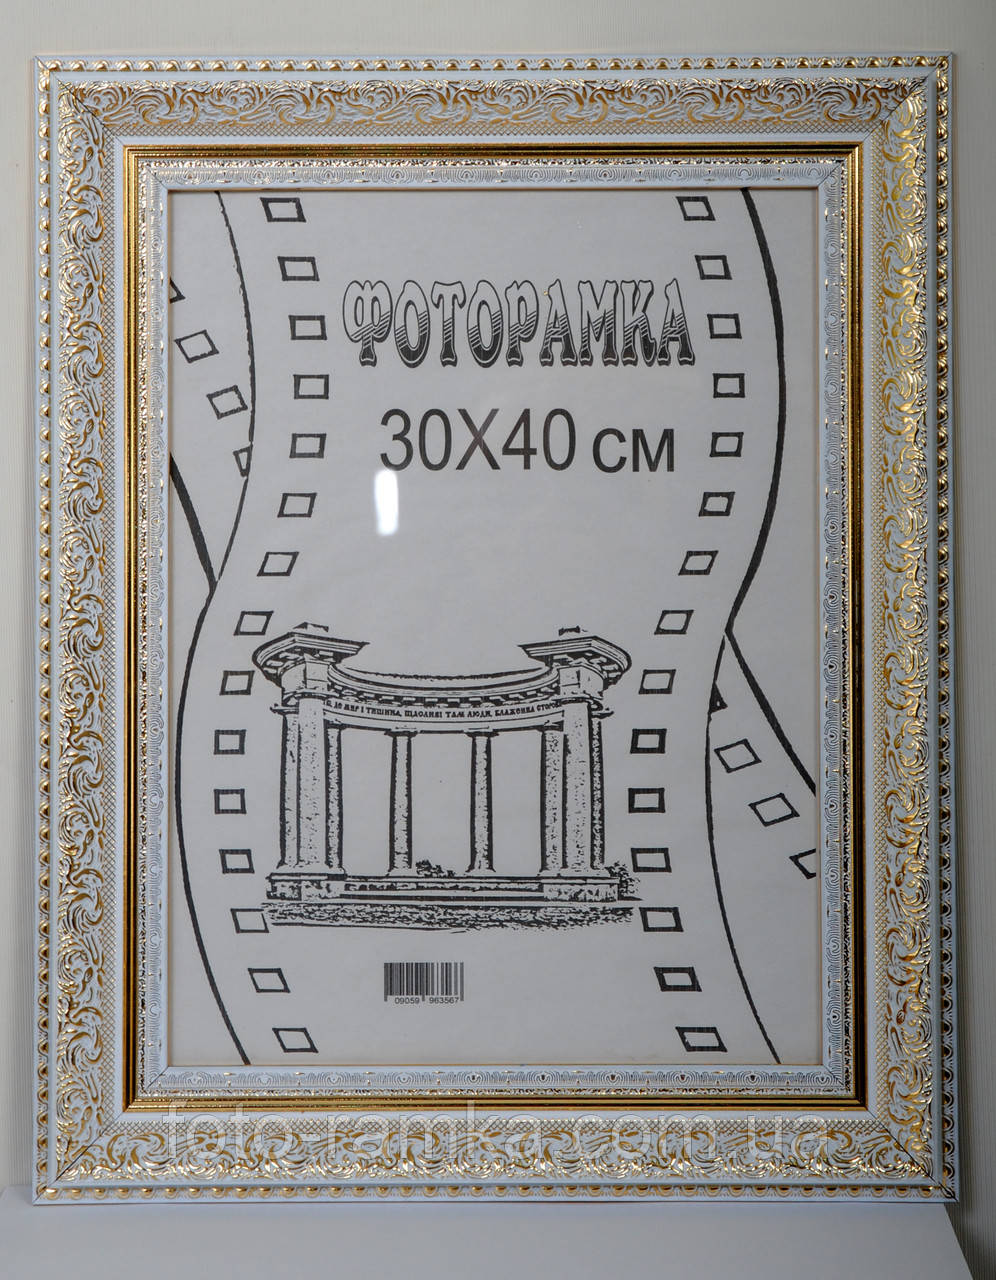 Фоторамка, 30Х40, номер багета 6023